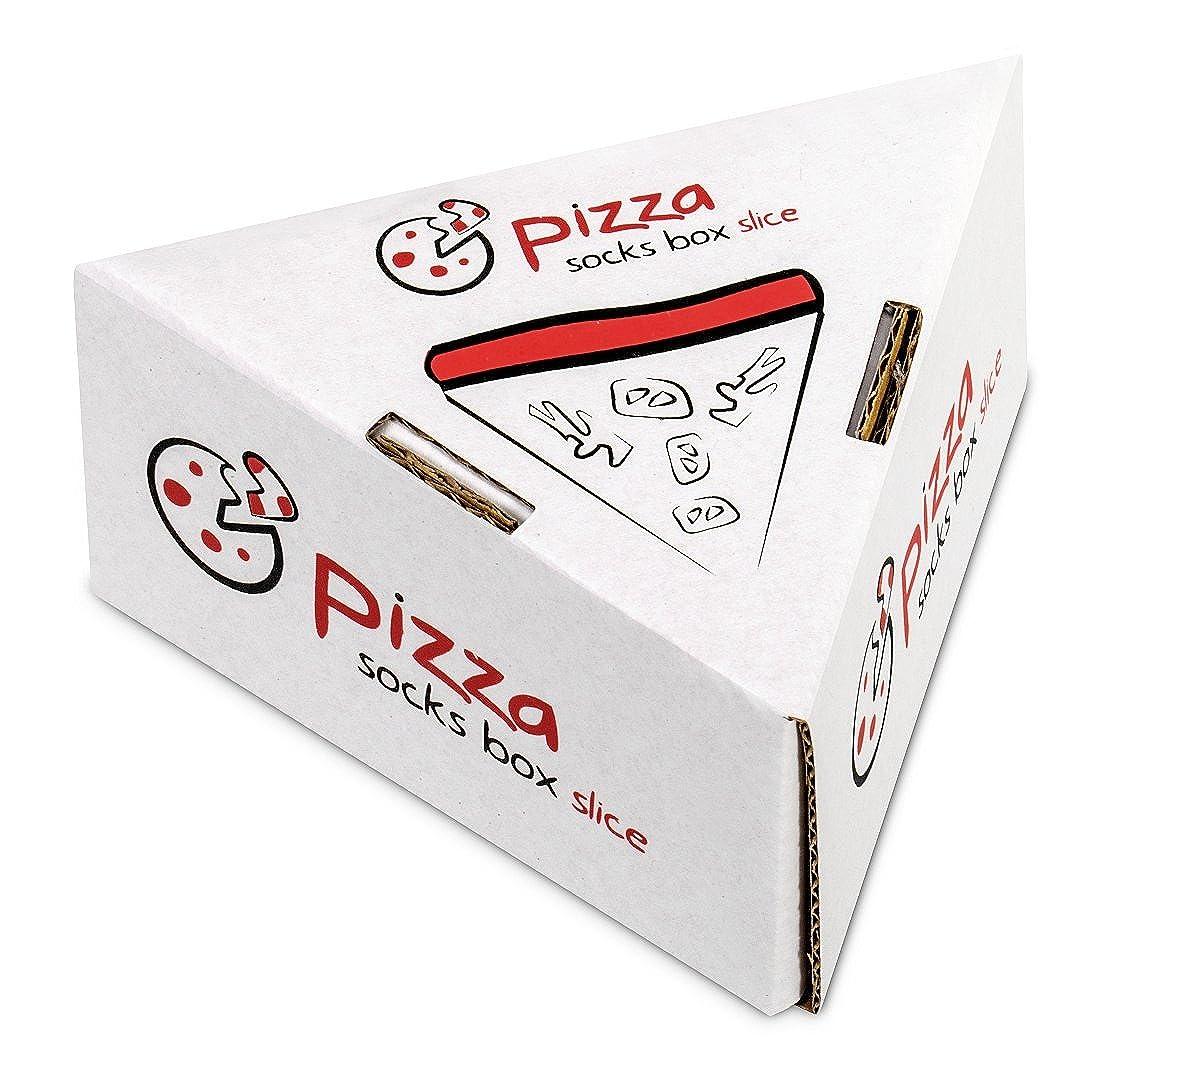 Italiana PIZZA SOCKS BOX SLICE 1 par de CALCETINES Divertidos de ALGADON Fun Gadget! Unicos y Originales Idea de REGALO Fabricado en EU para Mujer y Hombre: Tama/ños 36-40 y 41-46